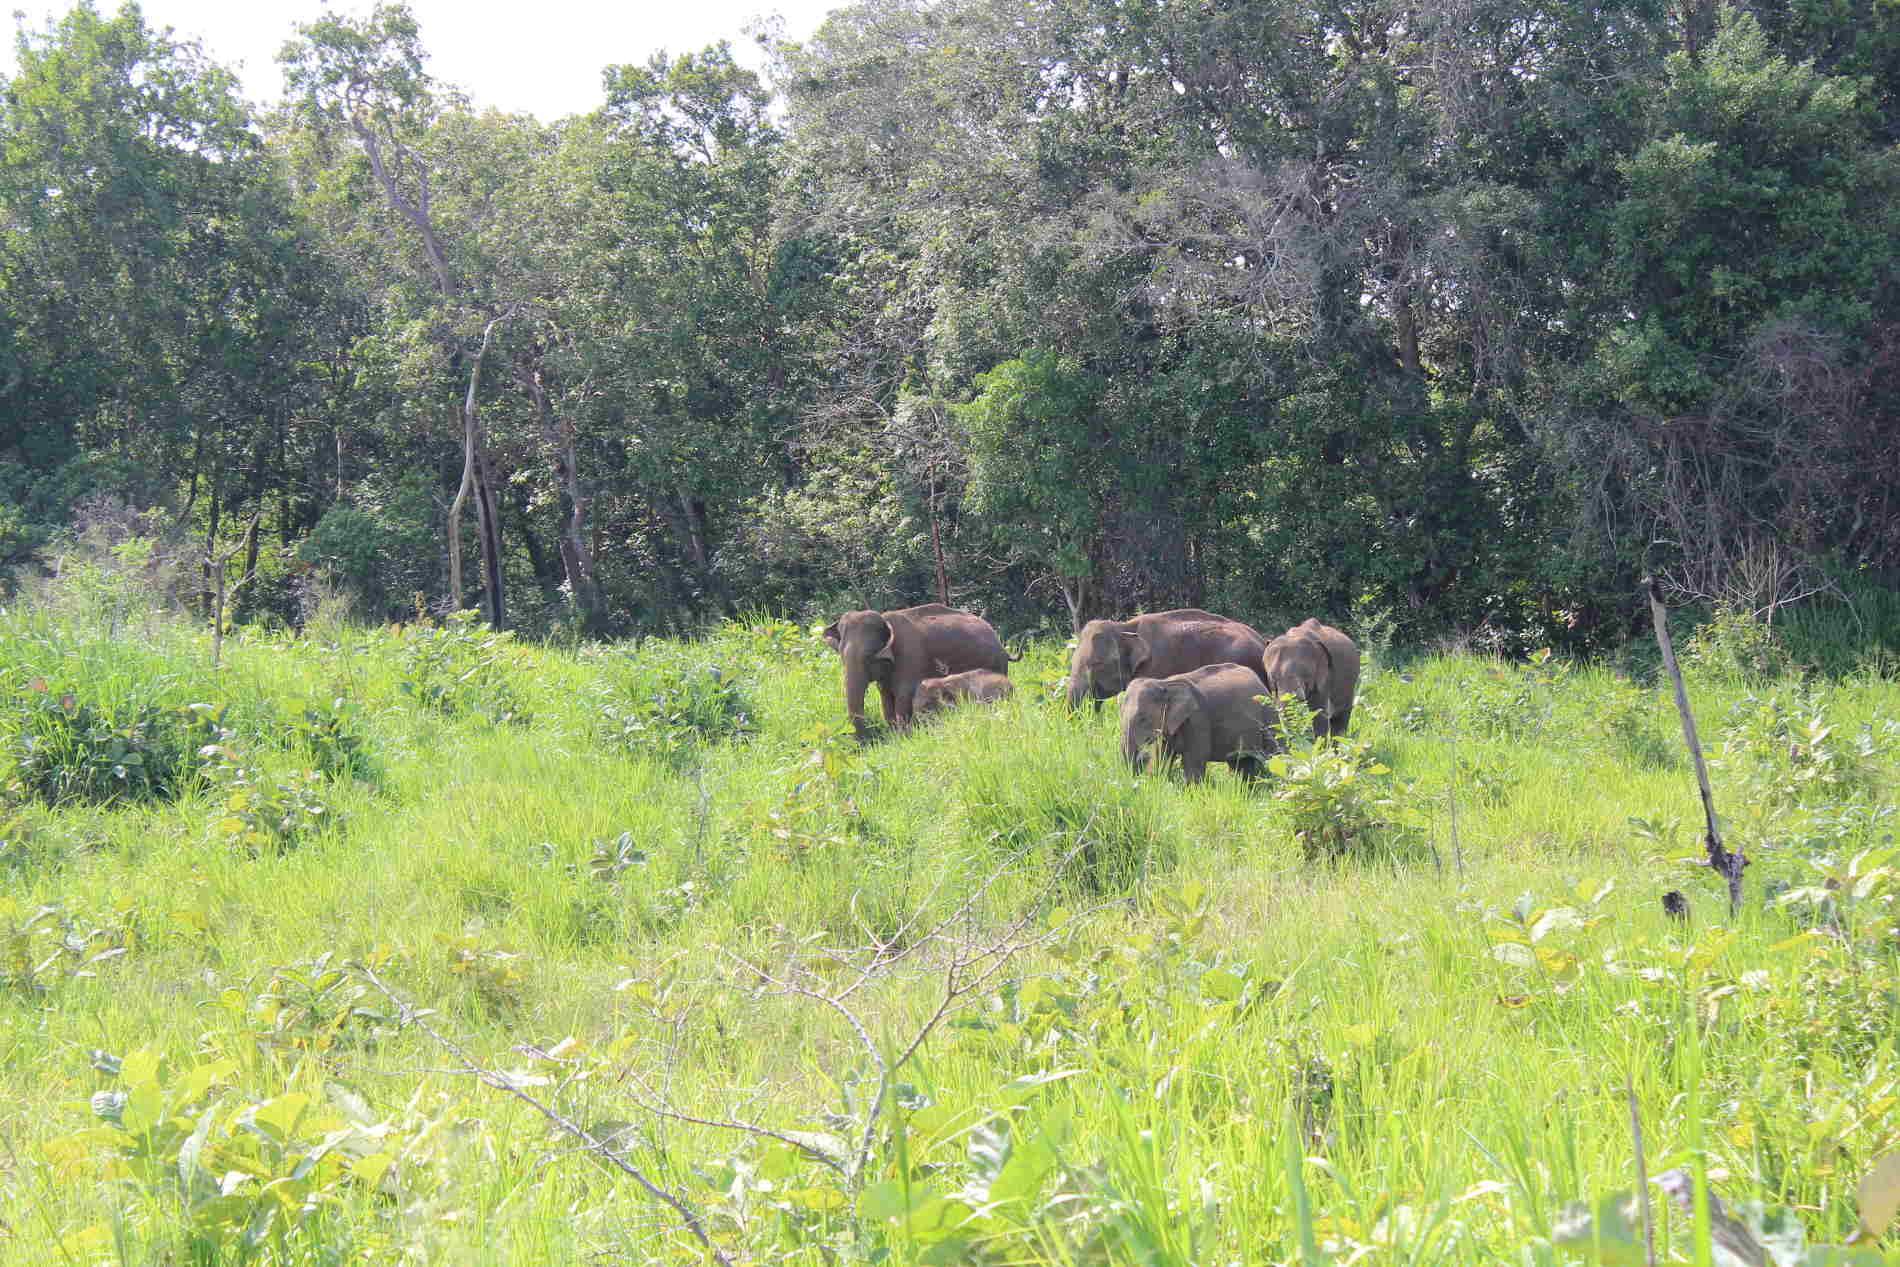 Turismo Sostenibile e Responsabile - Elefanti in libertà all'Urulu Eco Park in Sri Lanka